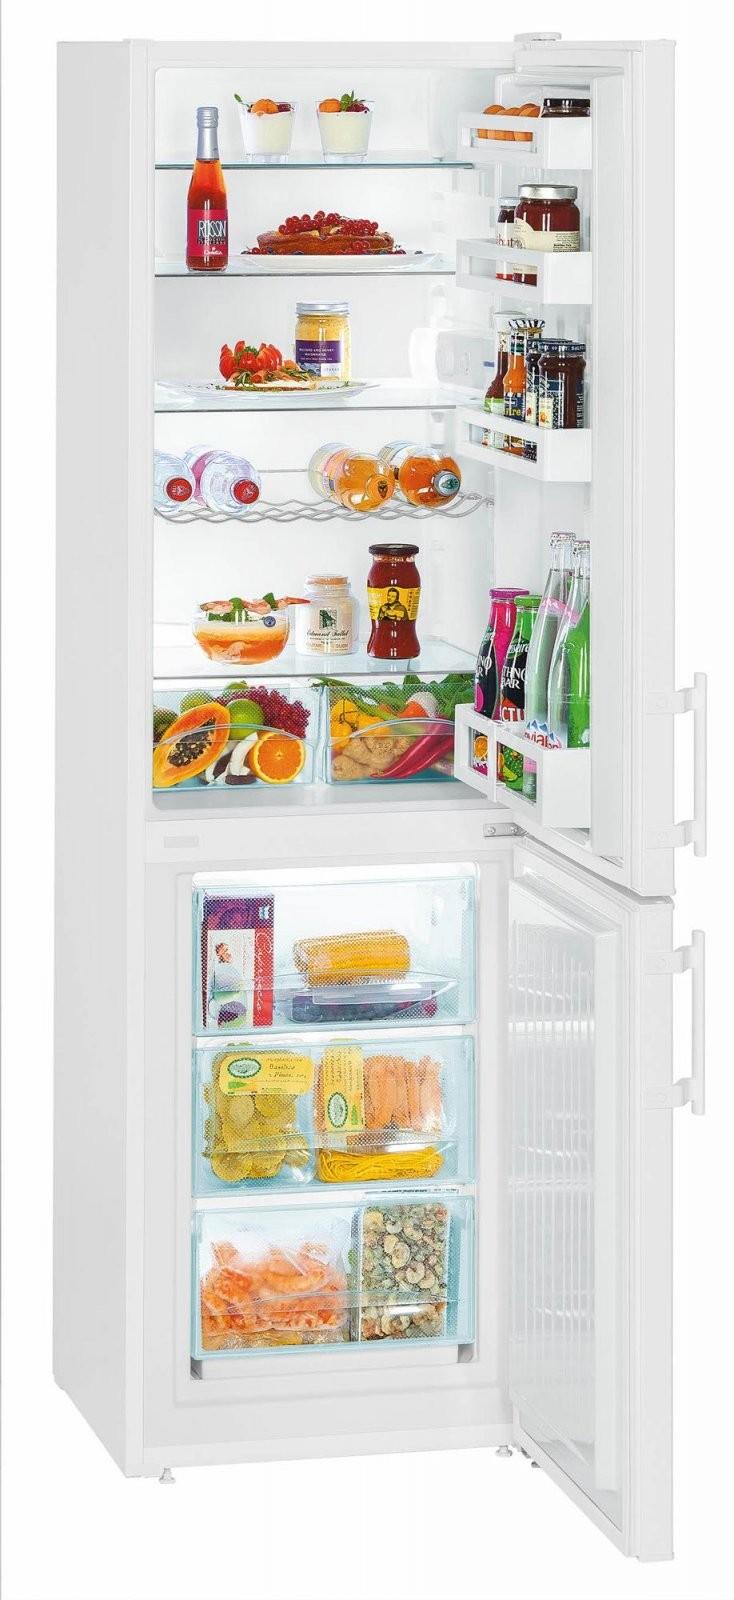 Liebherr Cu 3311 A++ Kühlgefrierkombination 55 Cm Breit von Kühlschränke 55 Cm Breit Bild